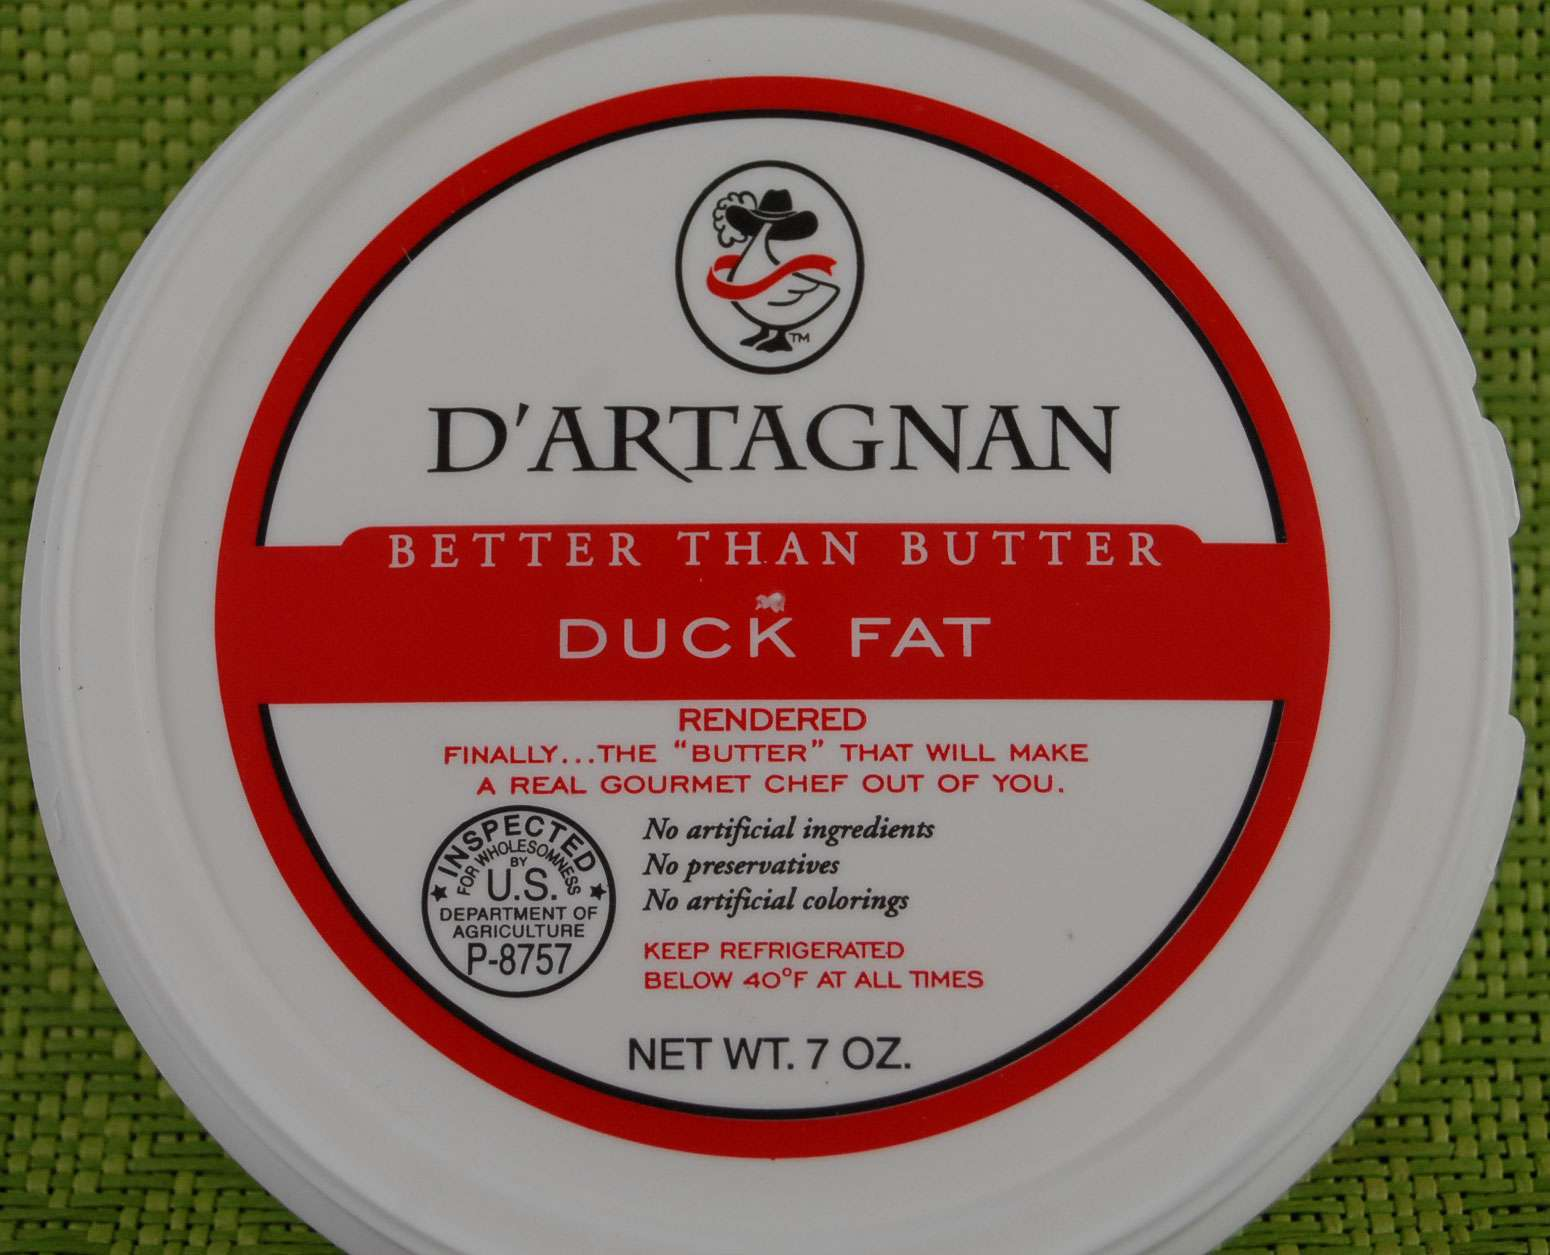 D'Artagnan duck fat